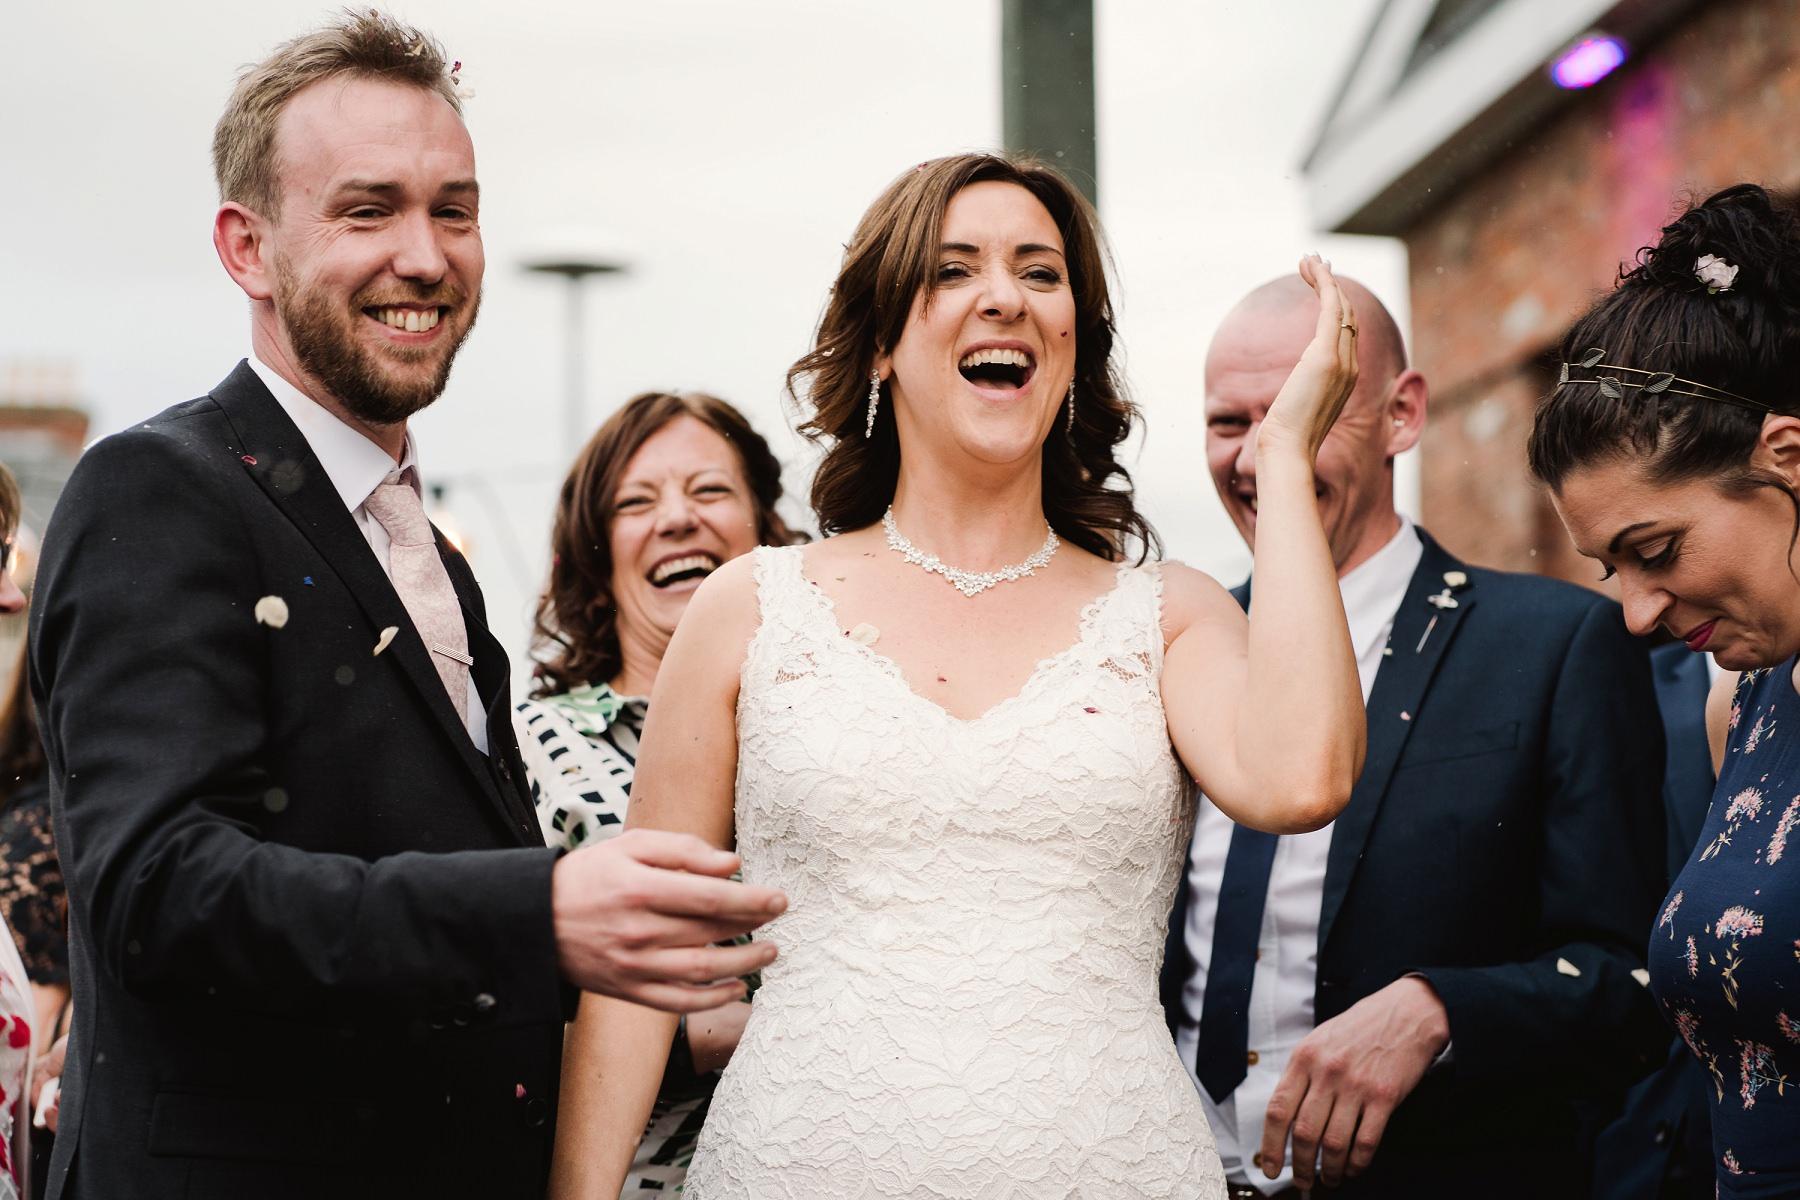 emma_steffan_wedding_buttermarket_0259.jpg